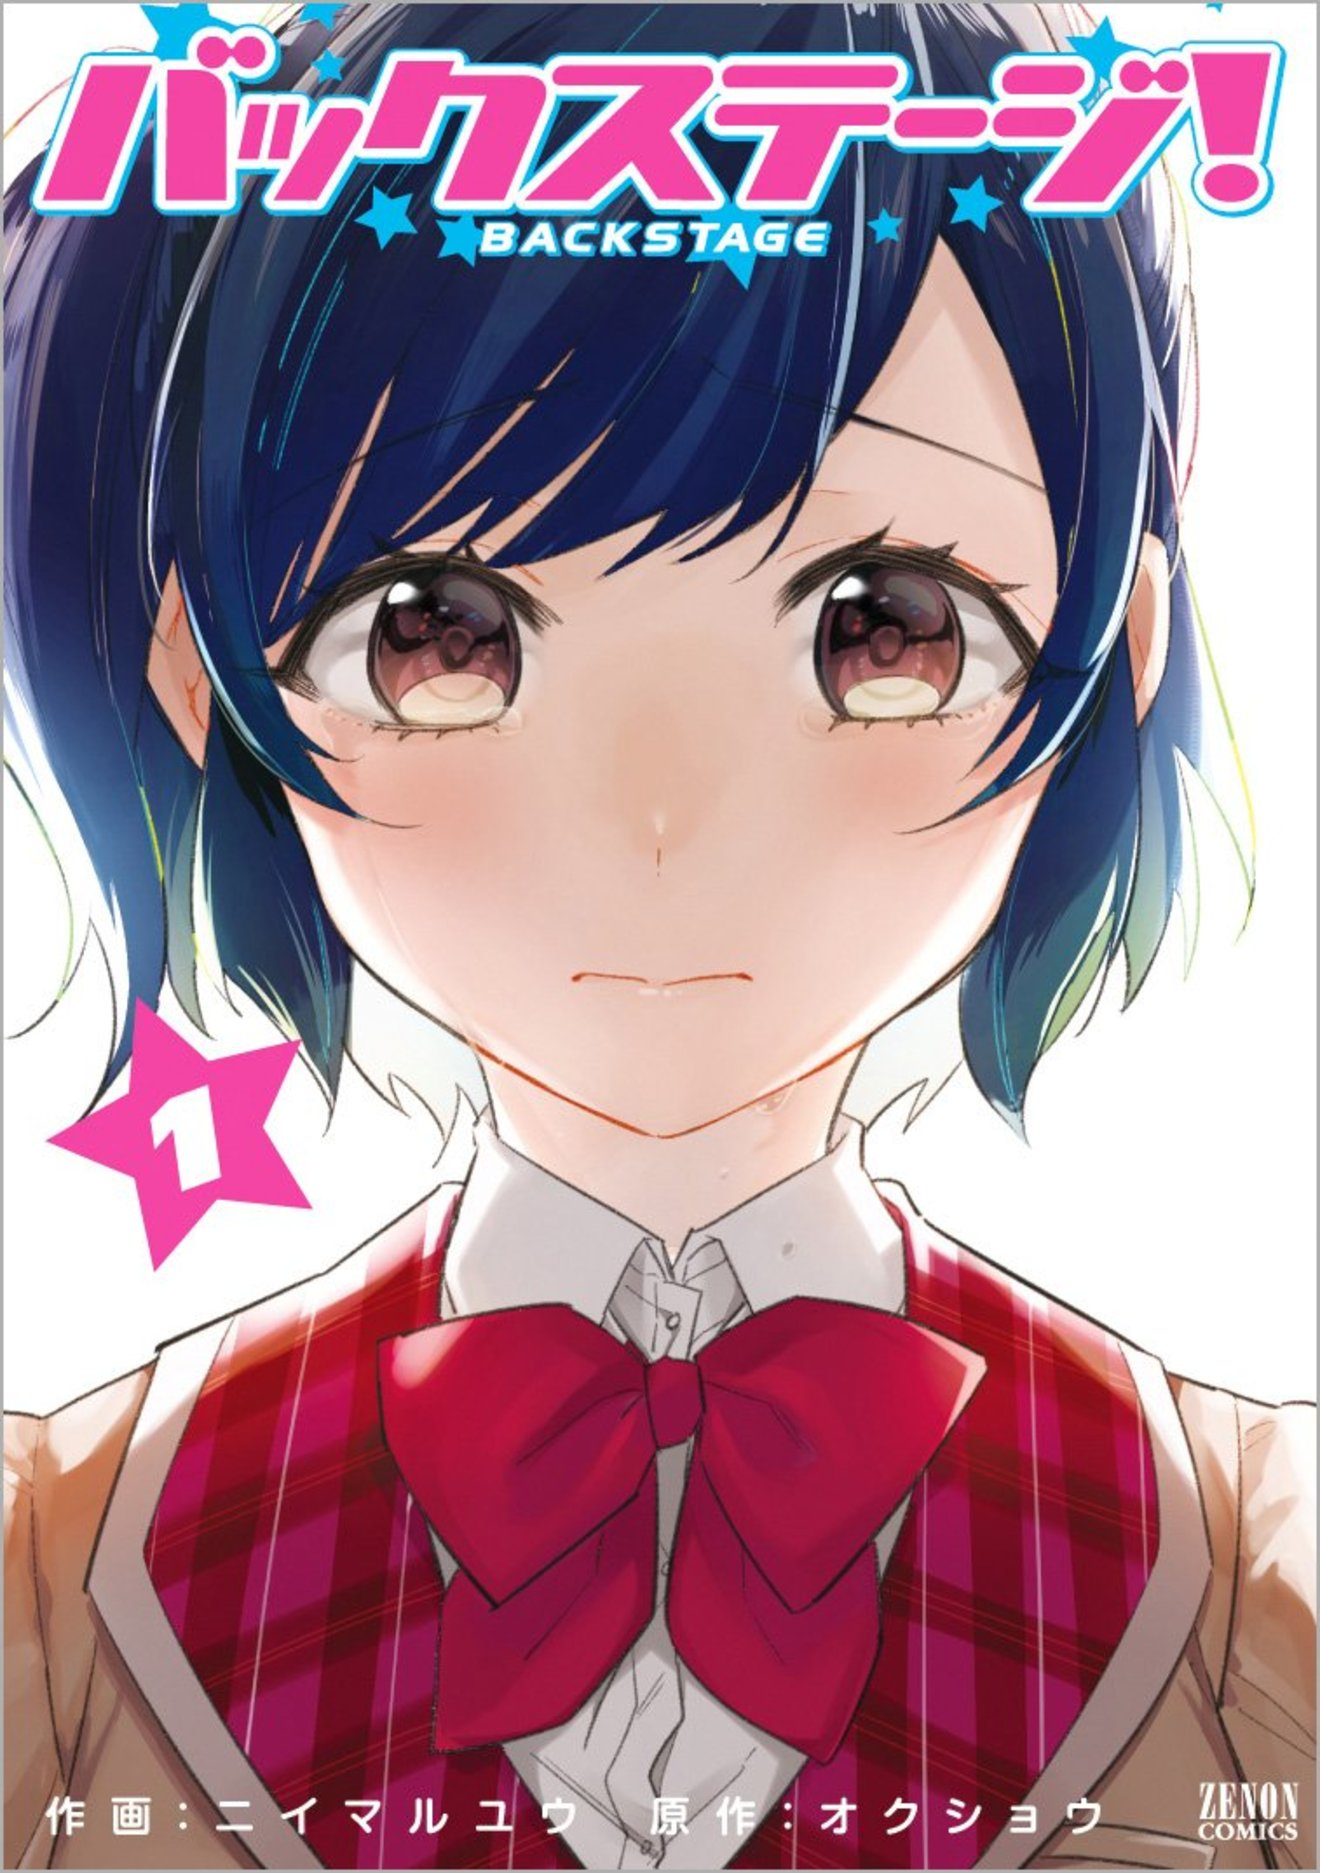 漫画『バックステージ!』が面白い!全巻ネタバレ紹介!【無料で読める!】